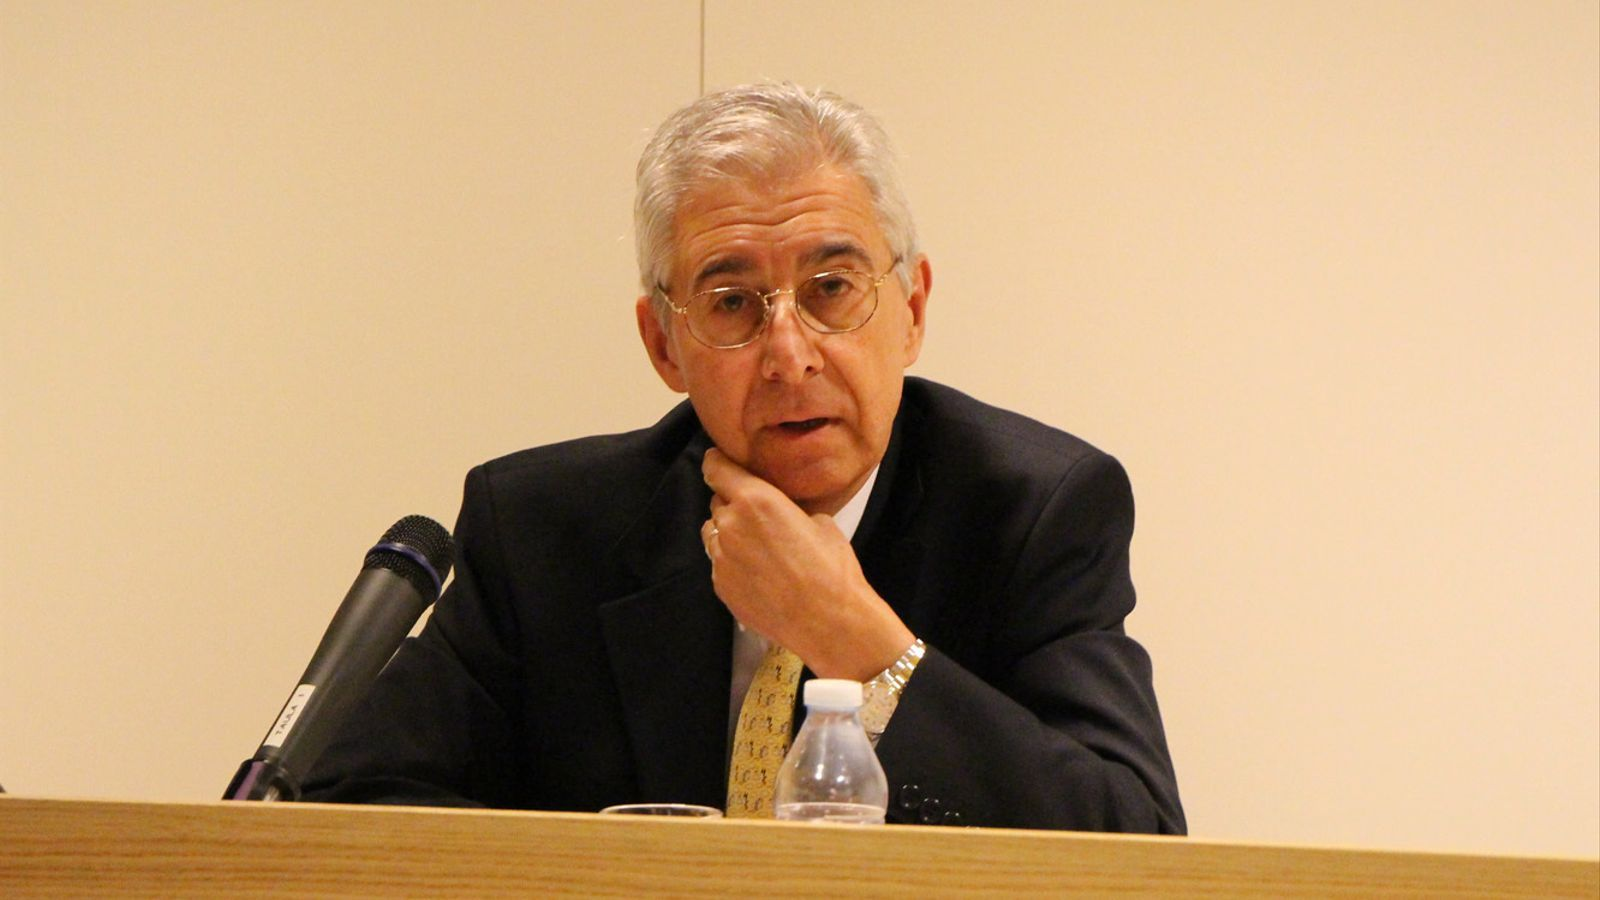 L'exmagistrat Josep Casadevall, en una conferència. / B. N. (ANA)